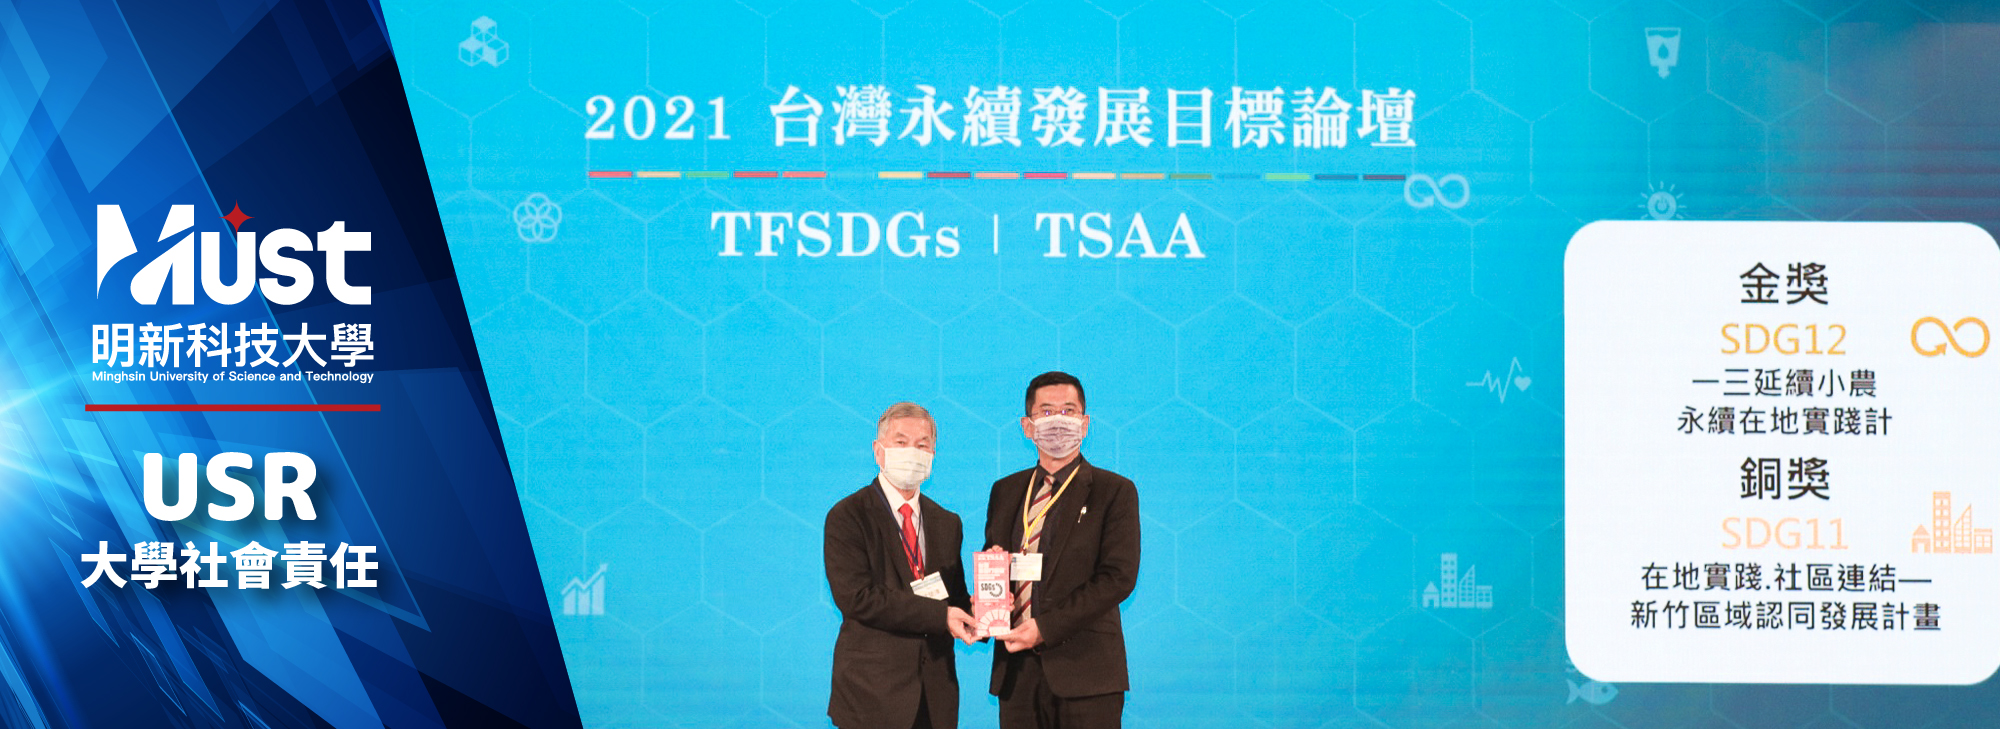 20220131 校首頁 研發處 賀本校榮獲2021首屆「TSAA台灣永續行動獎」金獎、銅獎